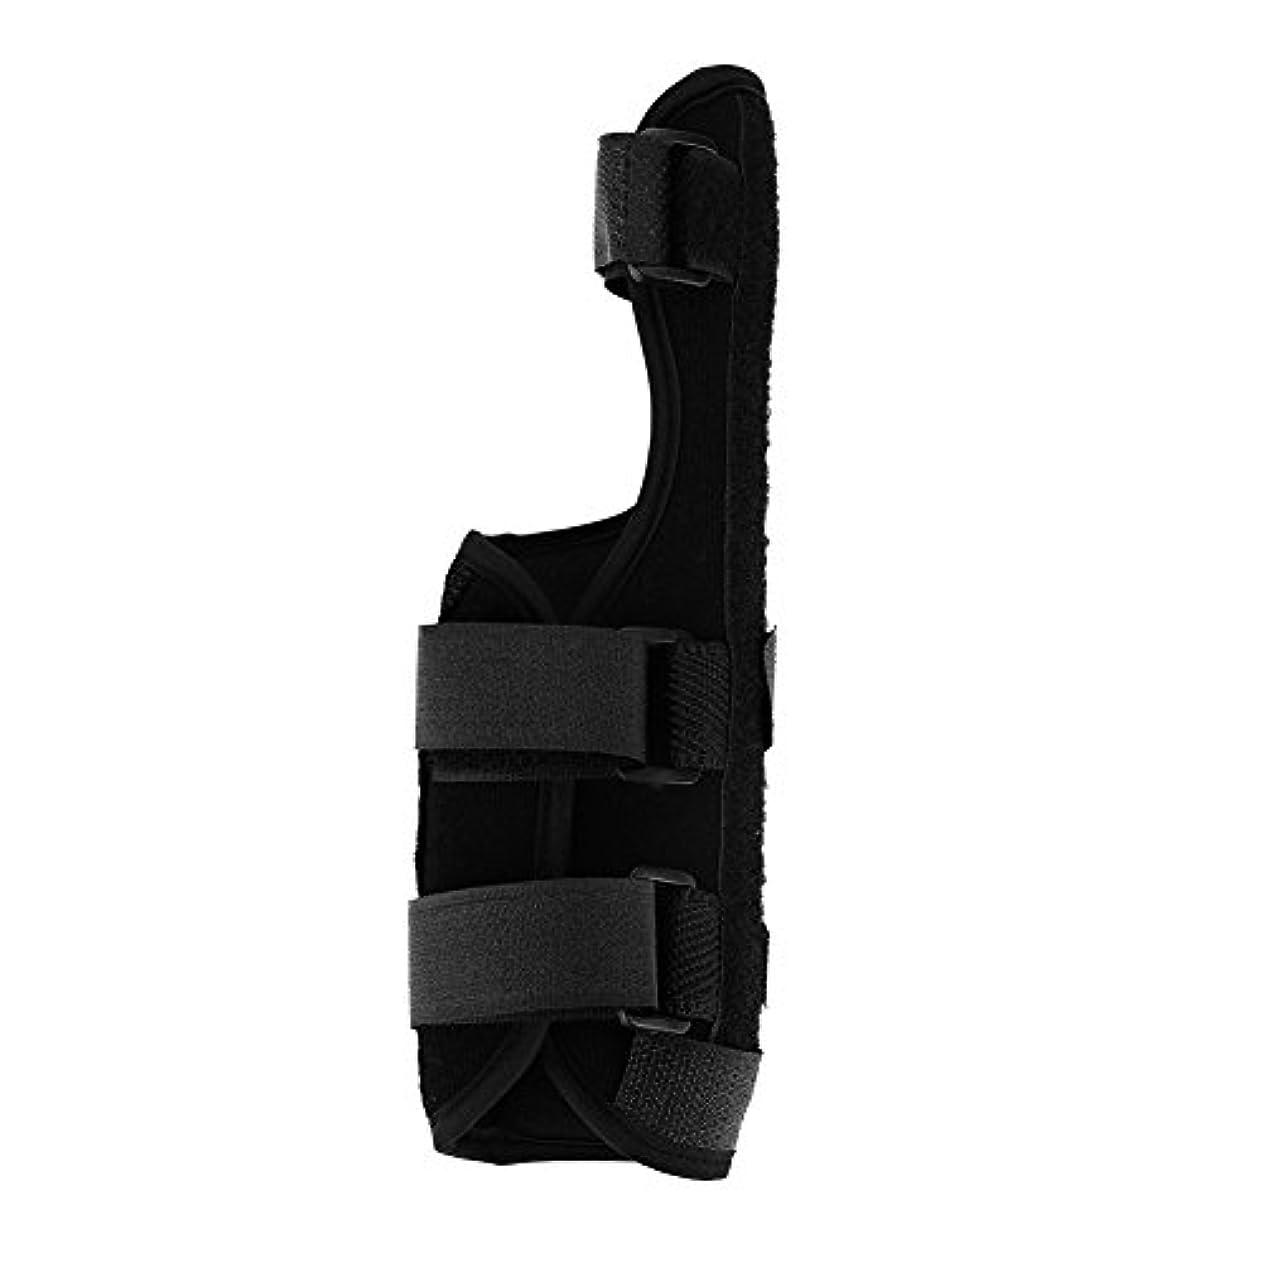 フラッシュのように素早くベッドを作るカタログ高度な手首ブレース - 手根管手首副子。手根管症候群、手首の痛み、捻挫、RSI、関節炎の即時鎮痛に最適(IzquierdaS)